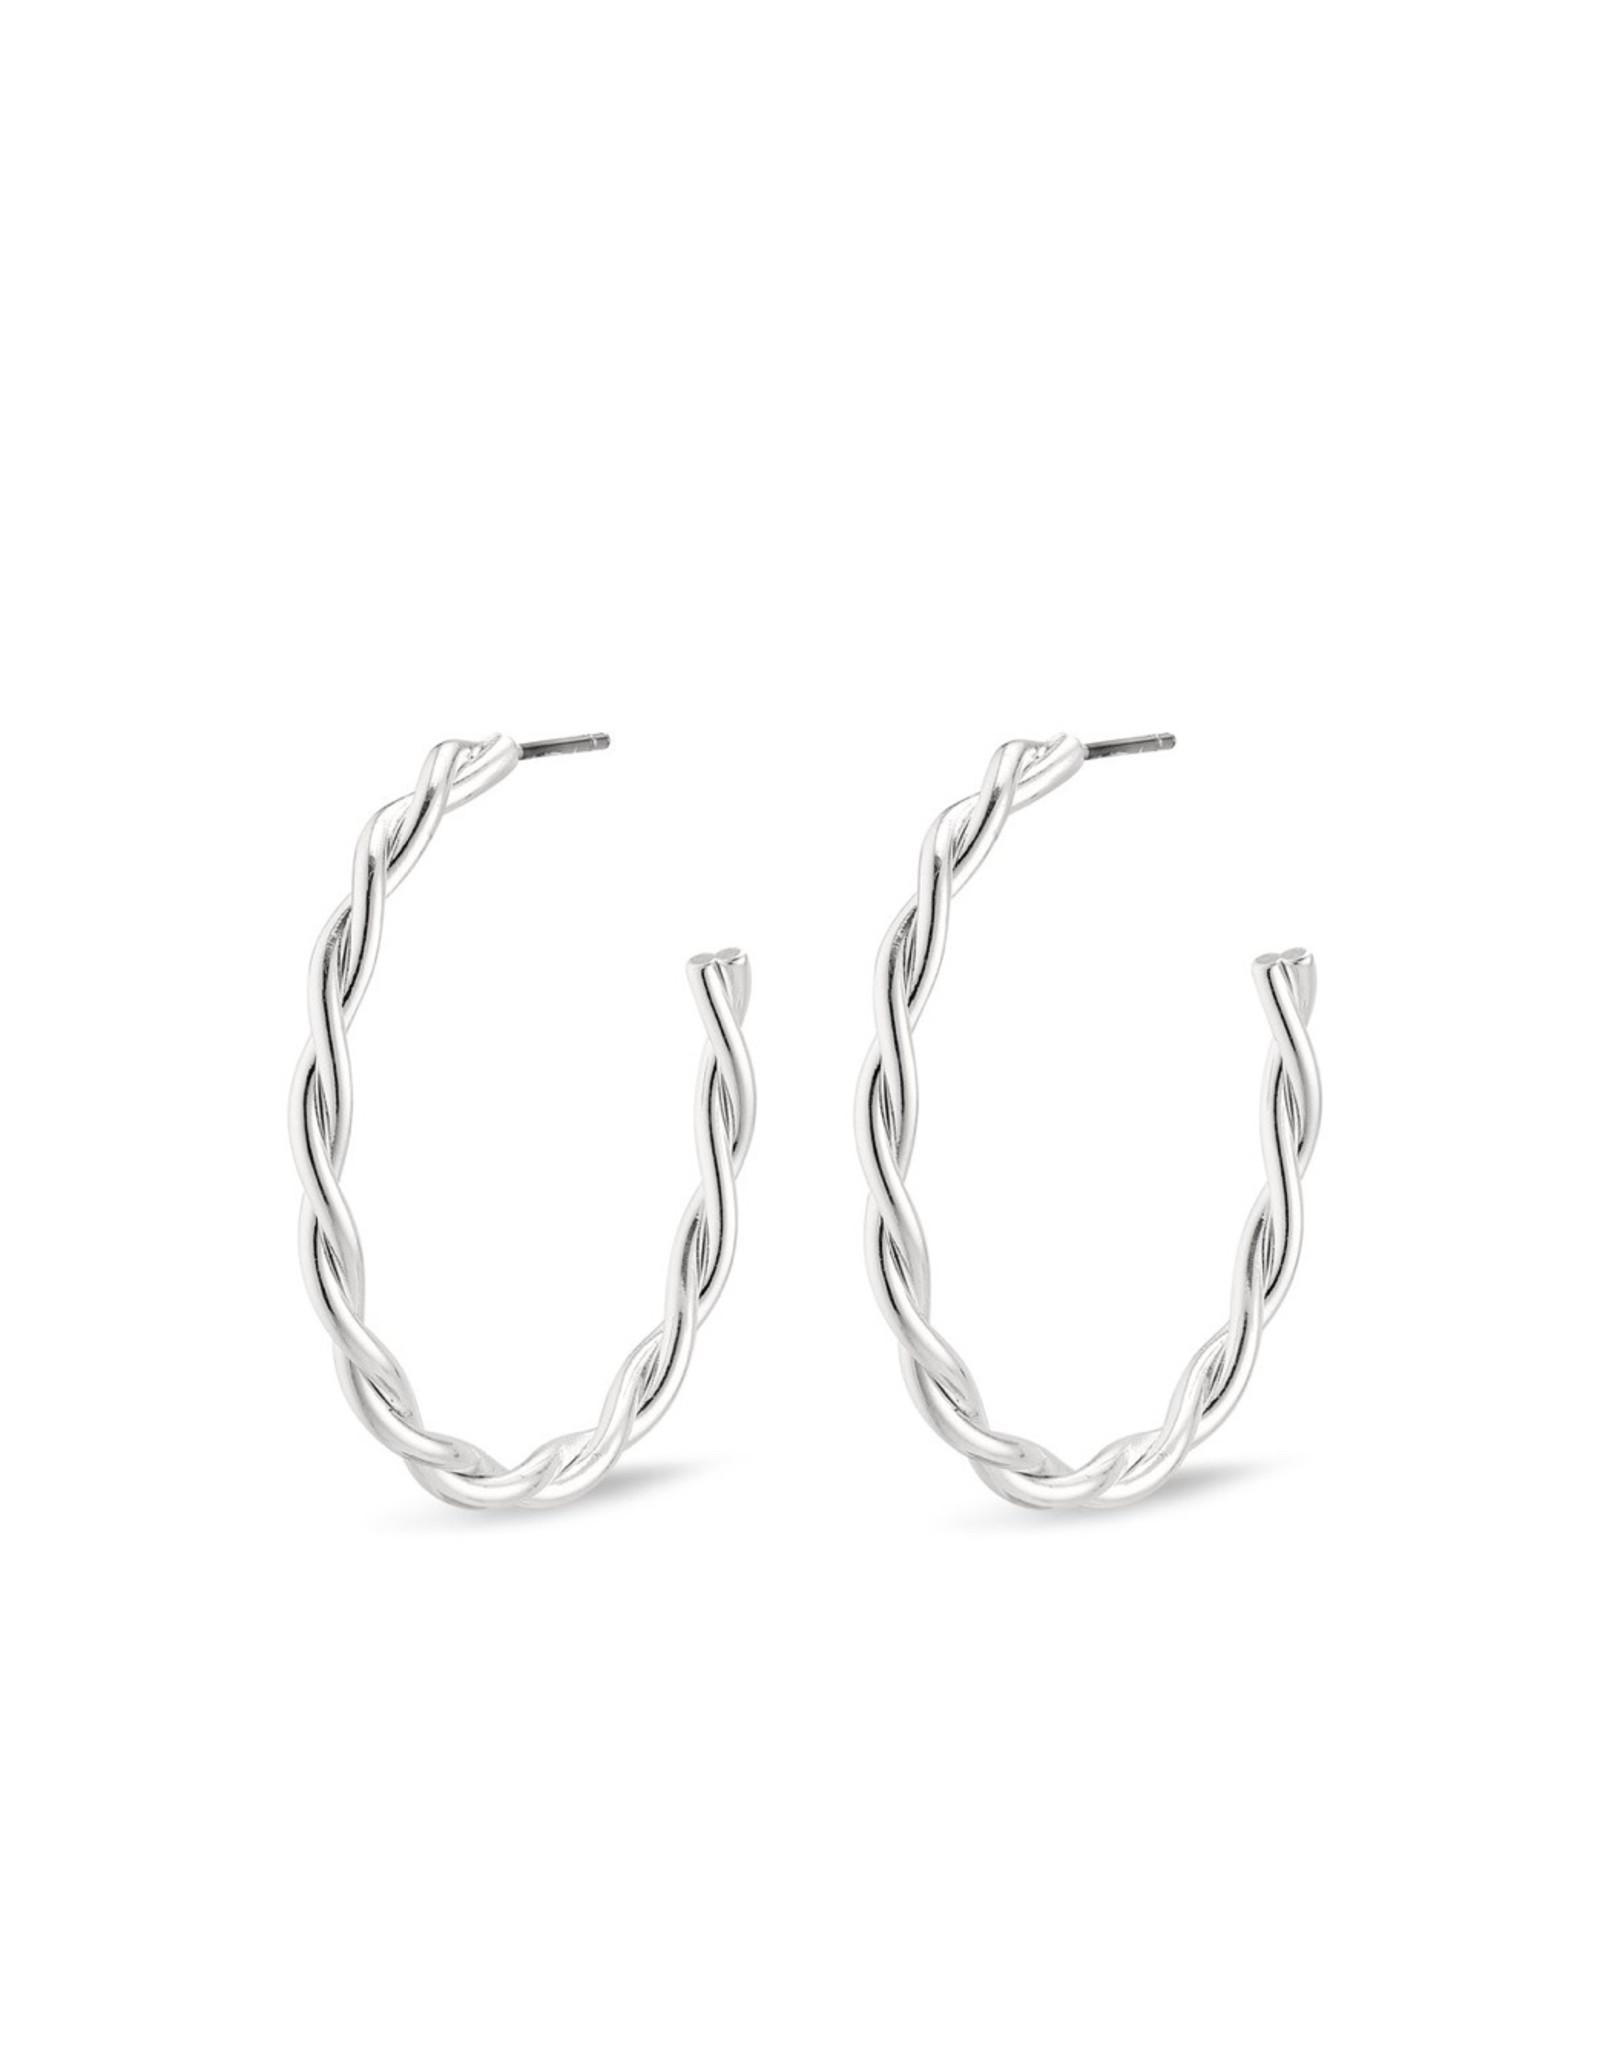 Pilgrim Pilgrim Earrings, Naja Hoops, Silver Plated